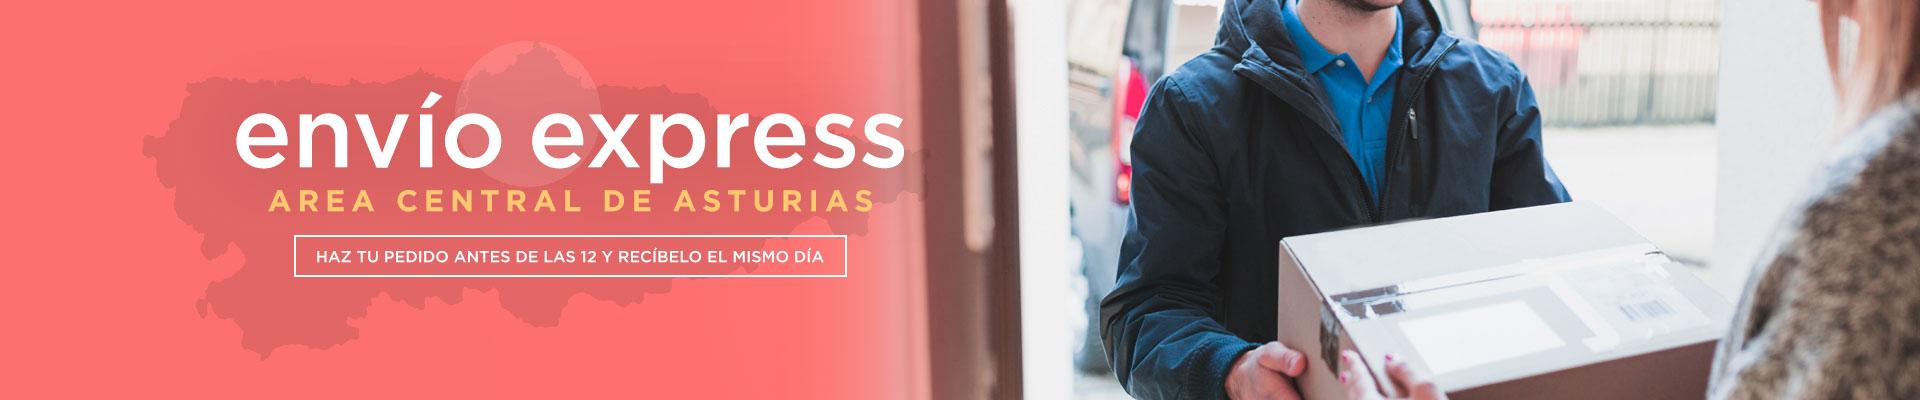 Servicio express en el área central de Asturias